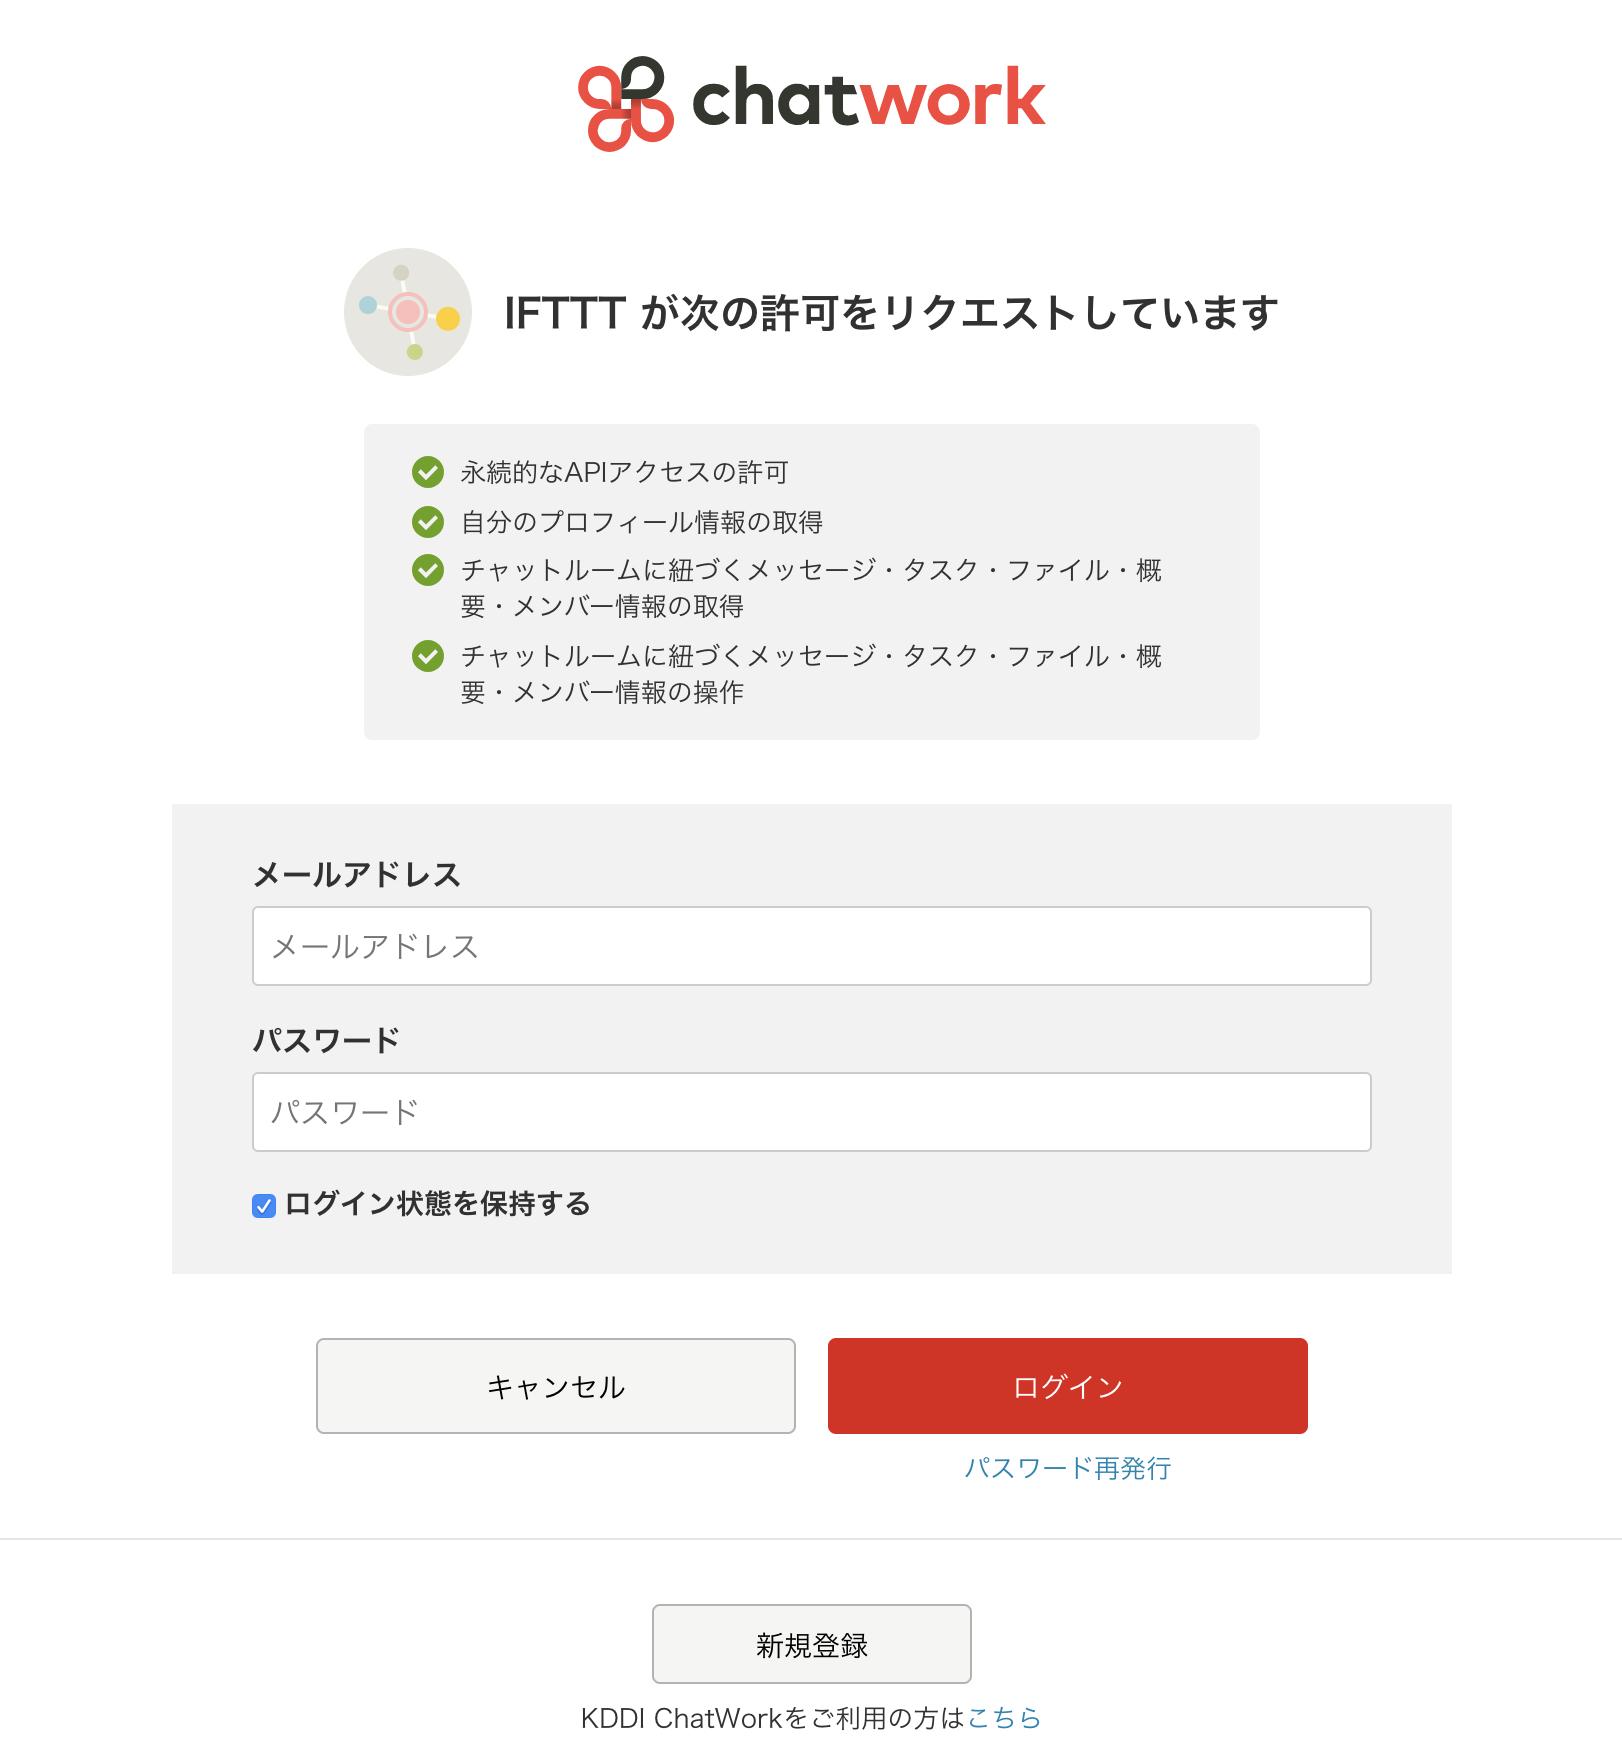 図:IFTTT連携画面